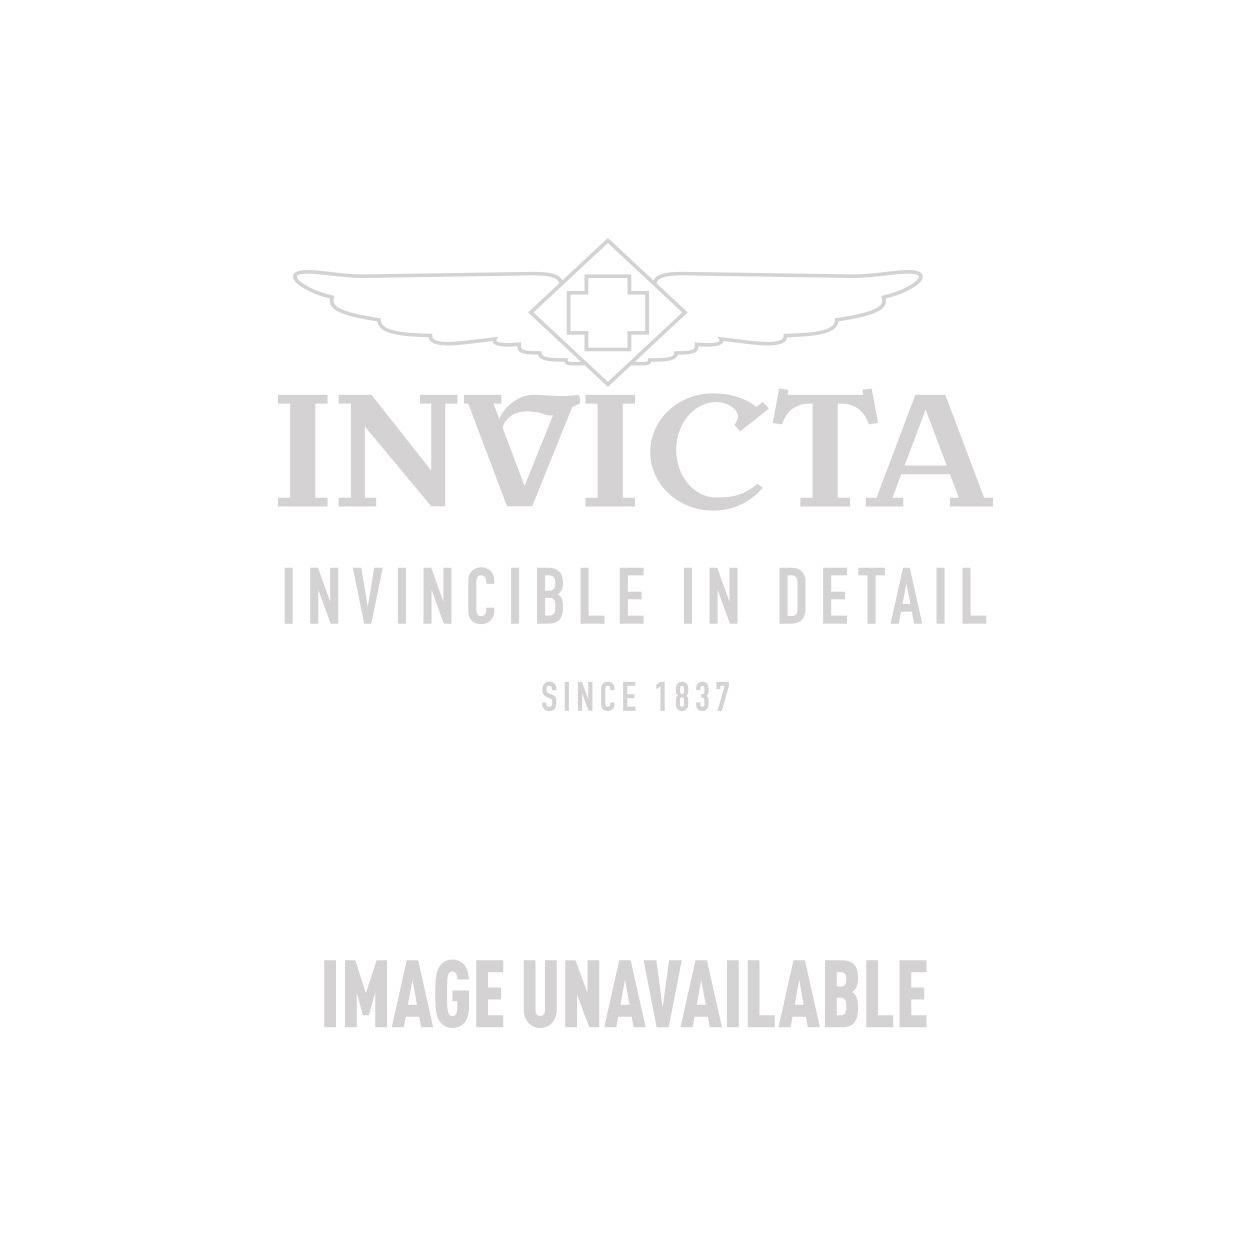 Invicta Model 24315